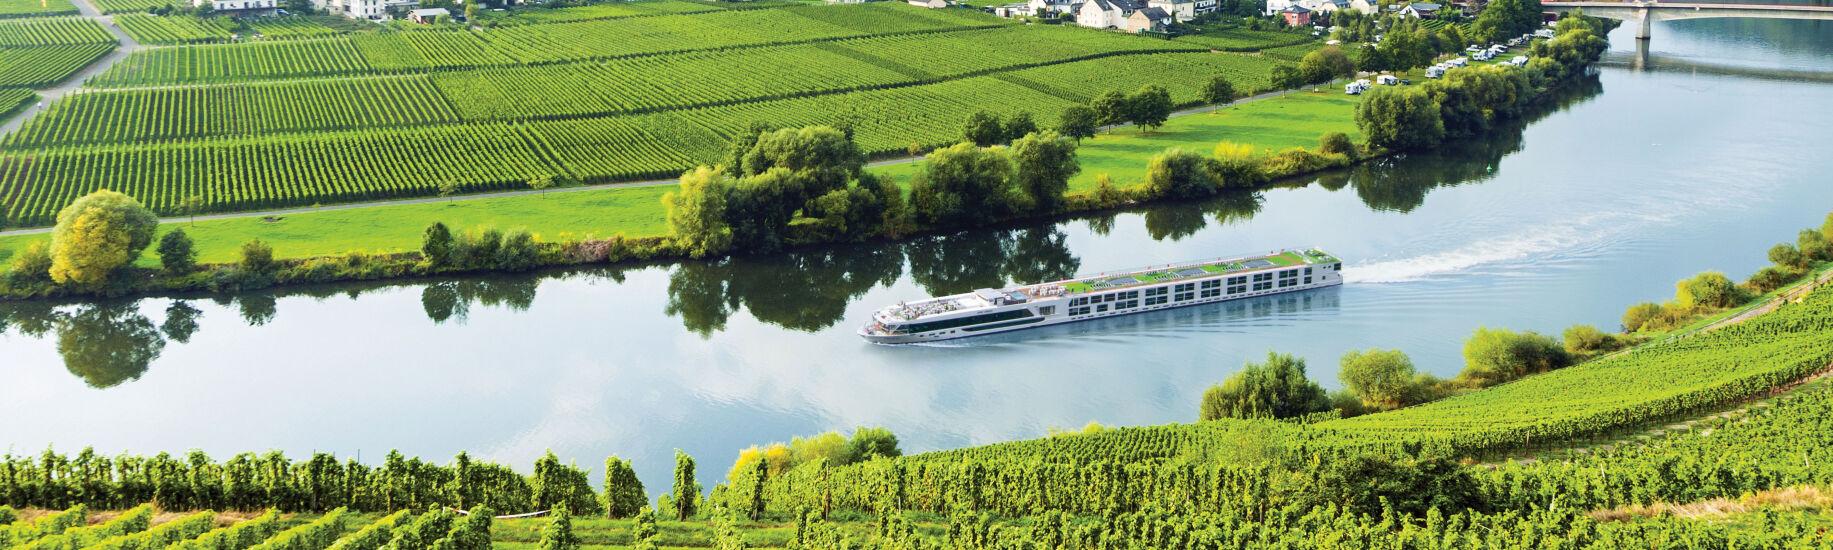 Luxury River Cruise Holidays